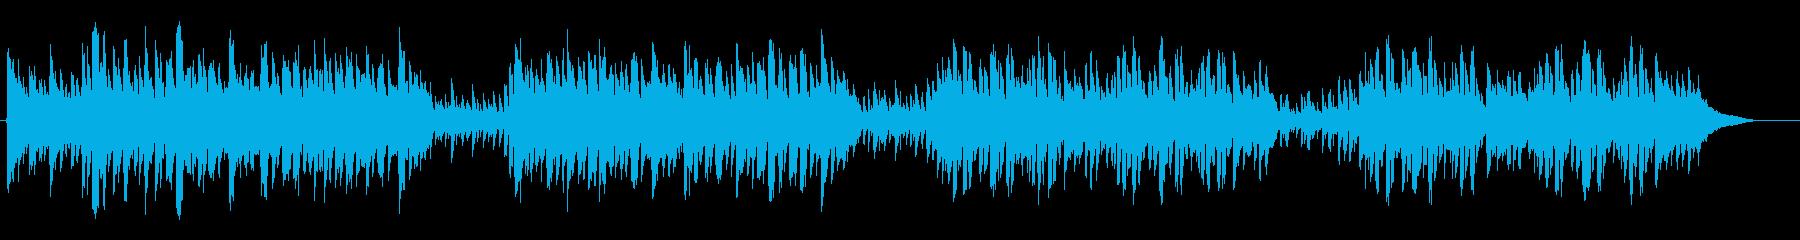 ロンドン橋落ちた アコギ 民謡カントリーの再生済みの波形